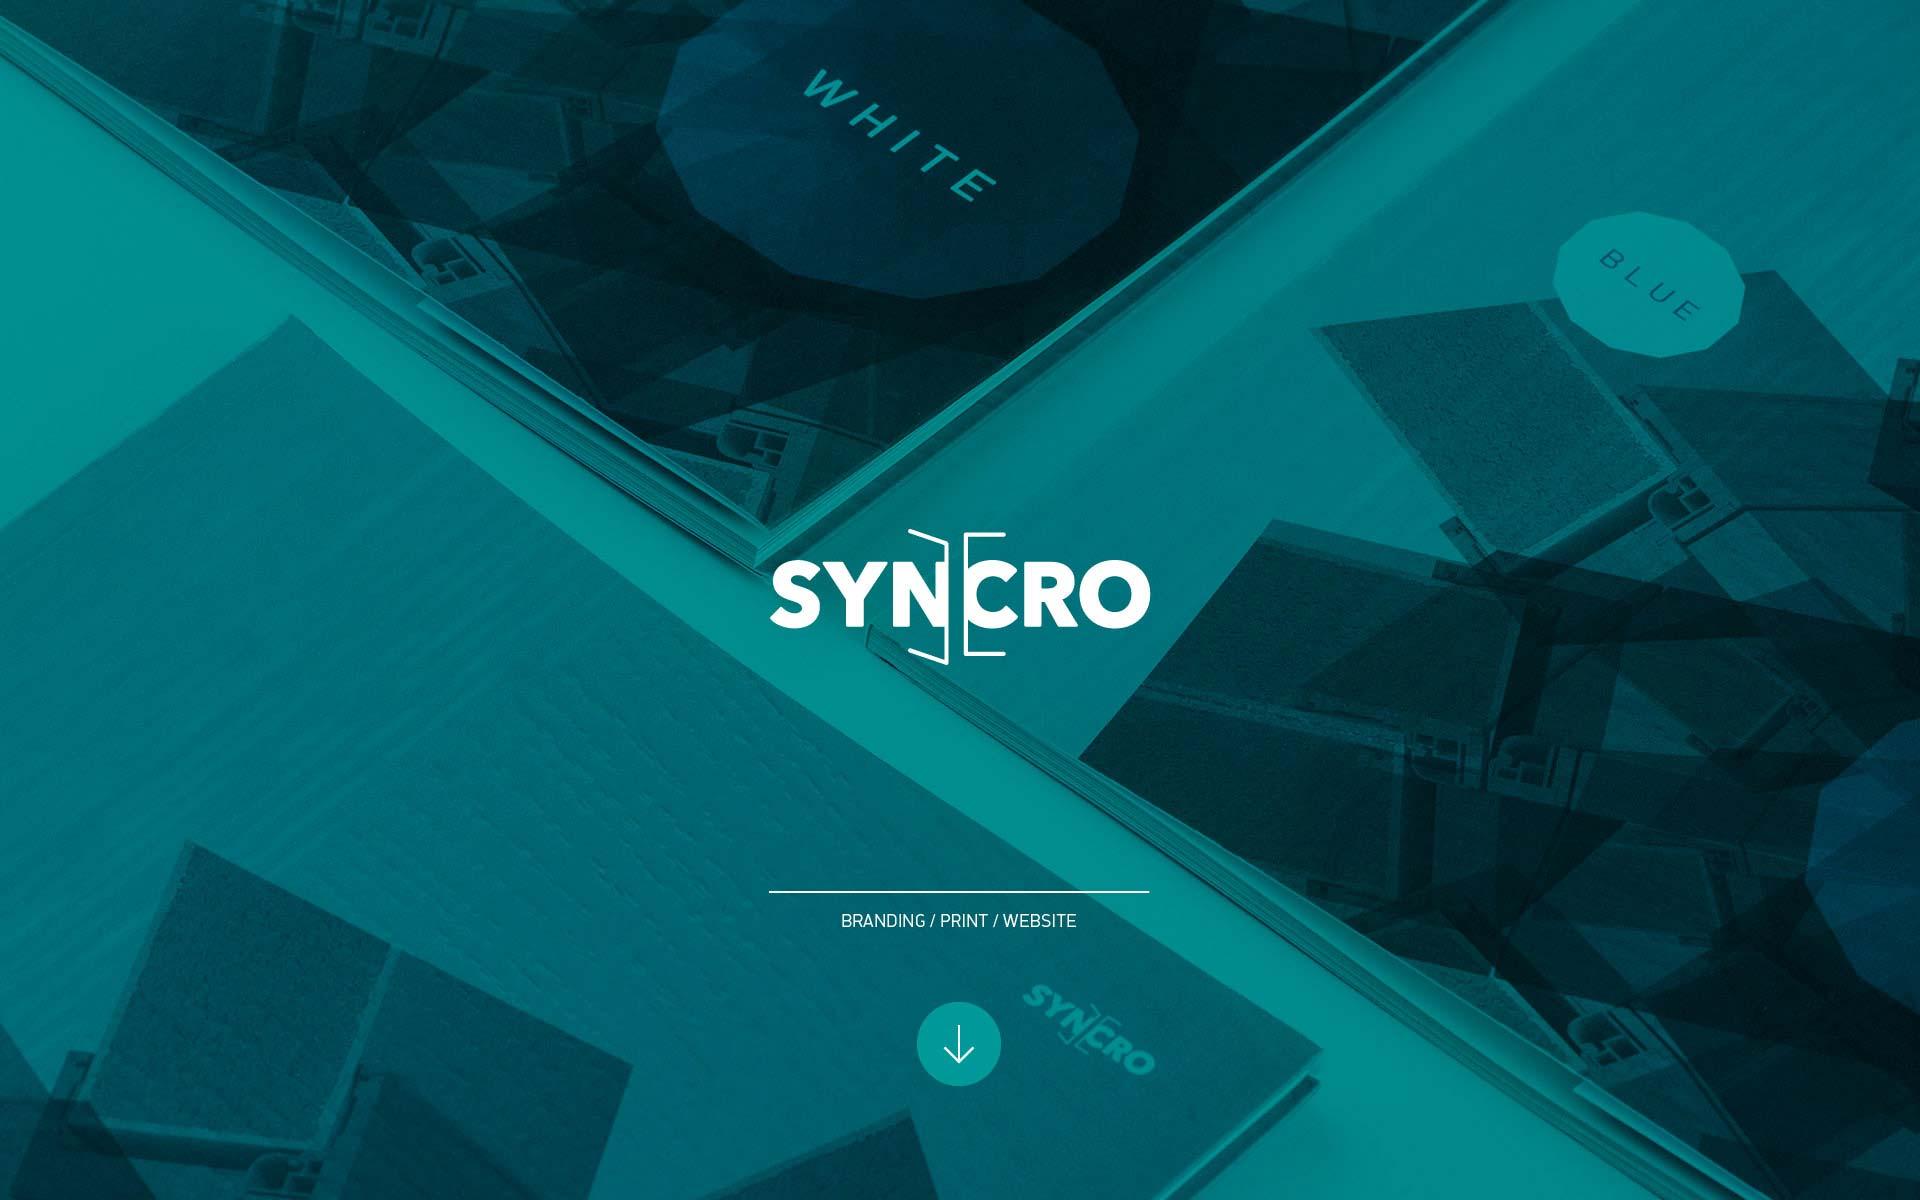 syncro thessaloniki